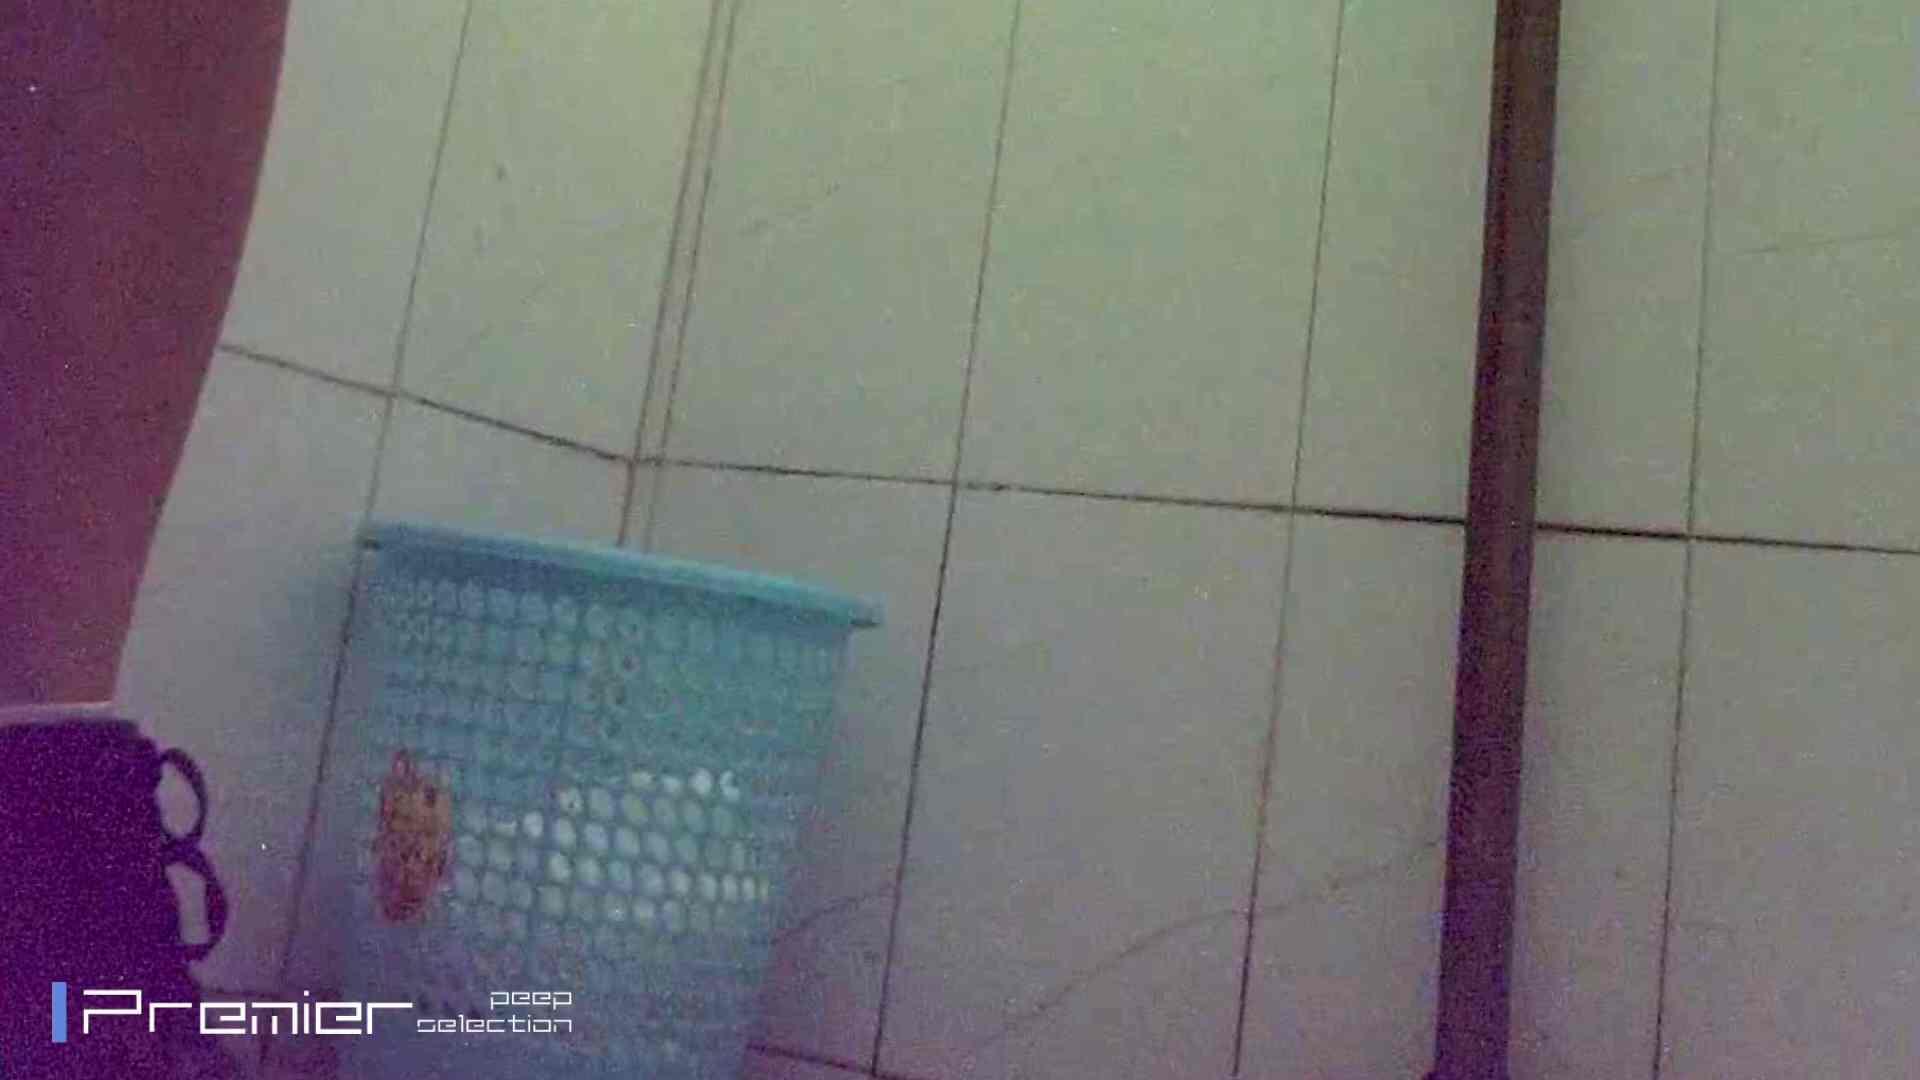 トイレシーンを密着盗撮!! 美女の痴態に密着!Vol.29 盗撮 ワレメ動画紹介 69PIX 3